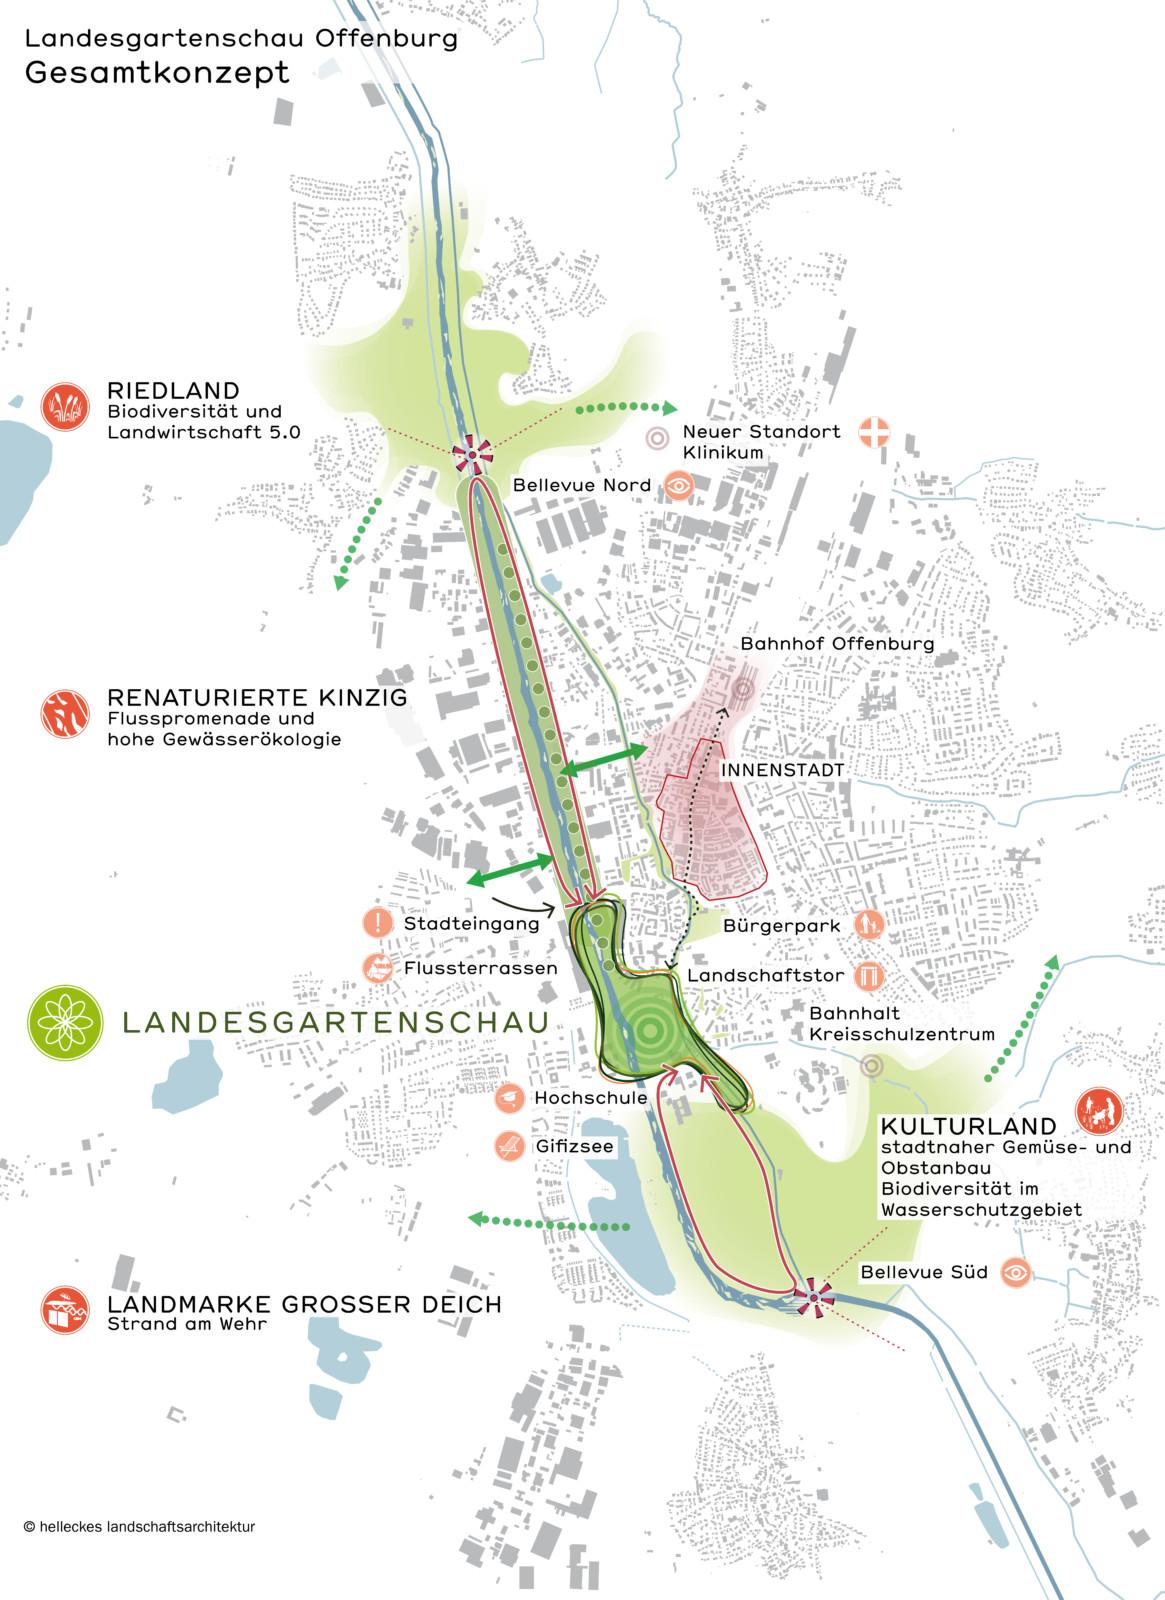 landesgartenschau-offenburg.de – Ein stimmiges Konzept für Offenburg